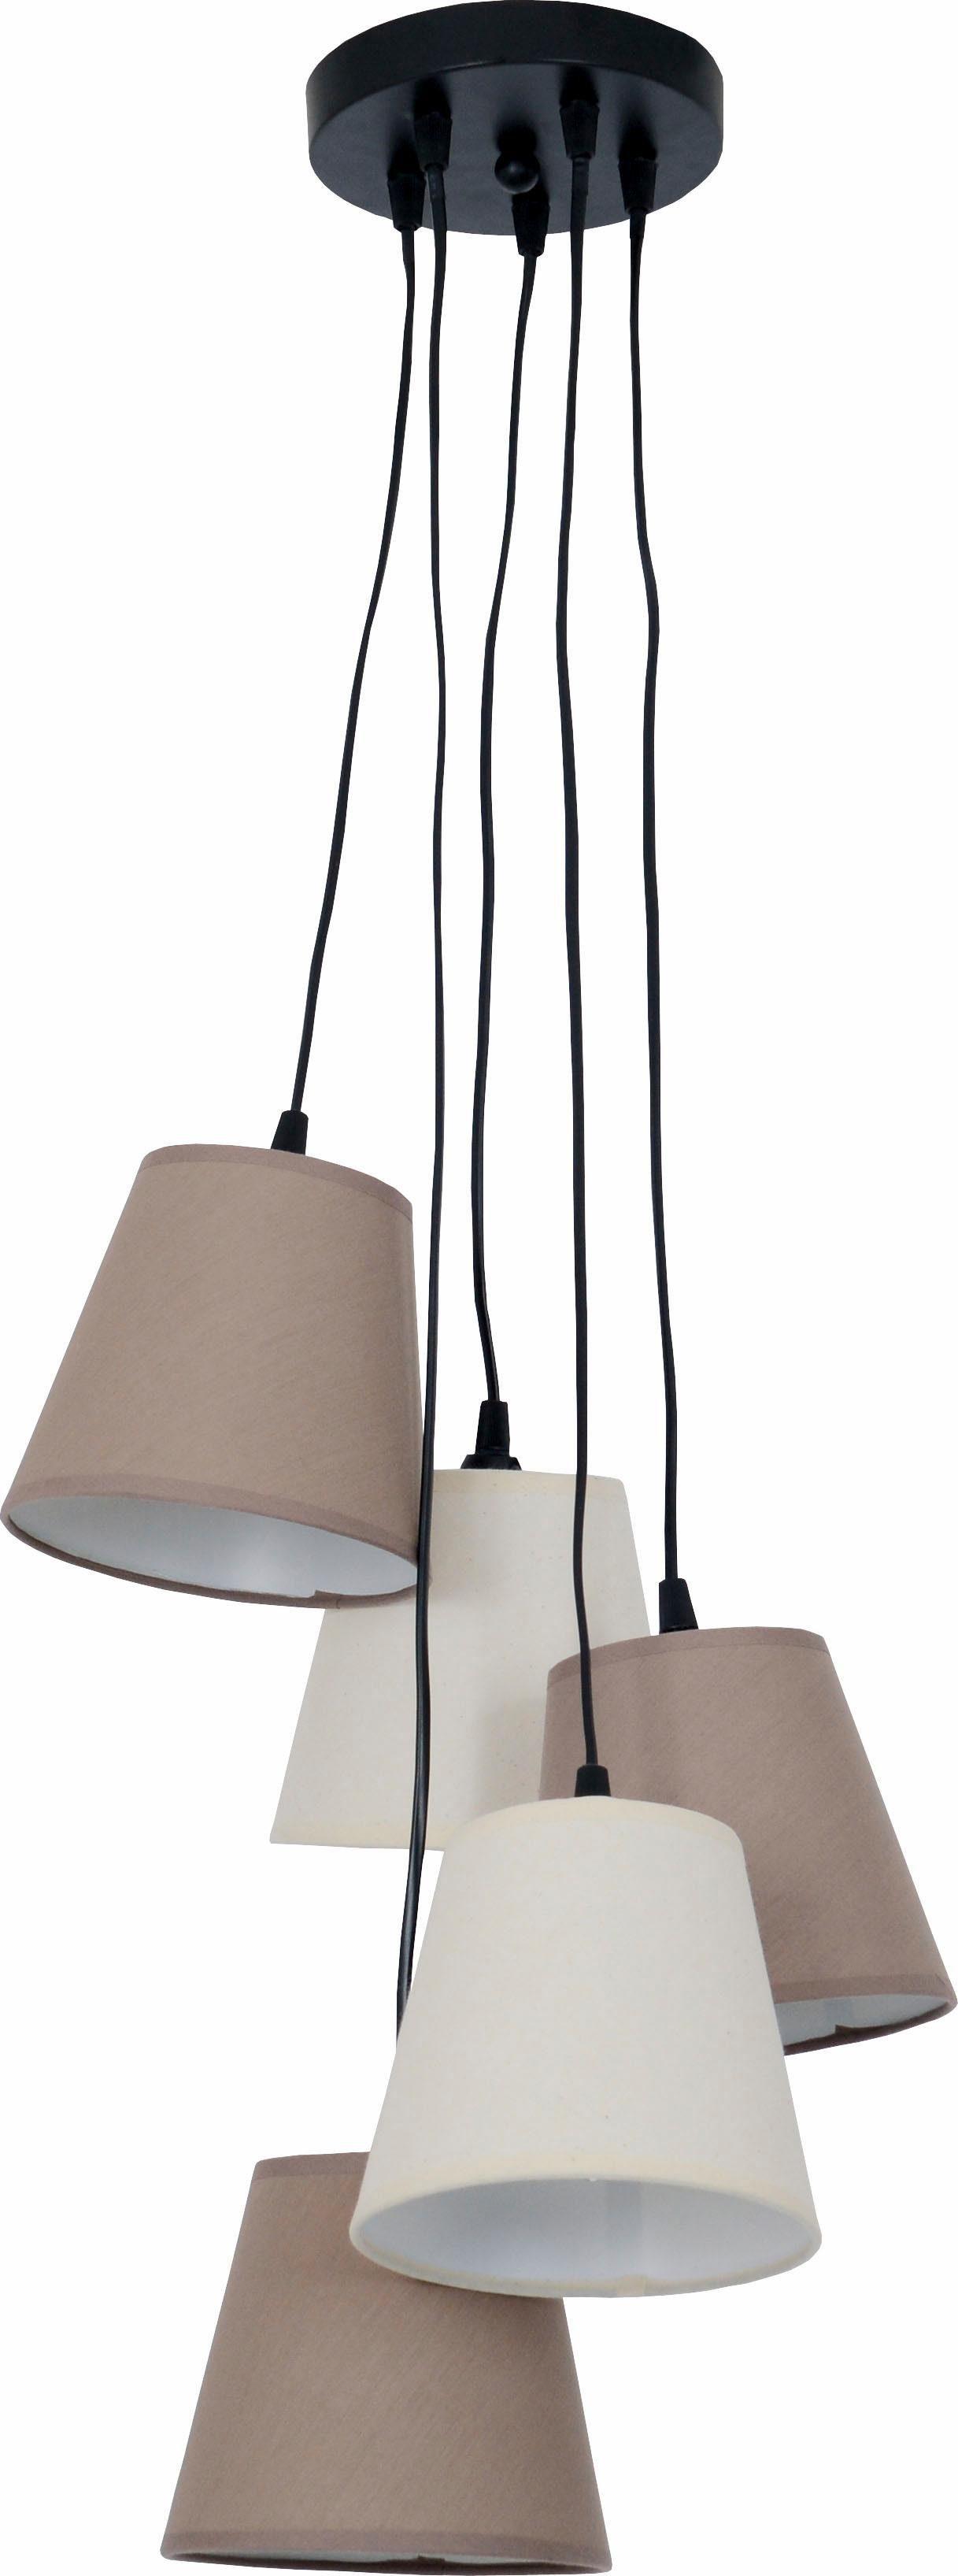 Hanglamp 5 Lampen : Naeve hanglamp fittingen nu online bestellen otto